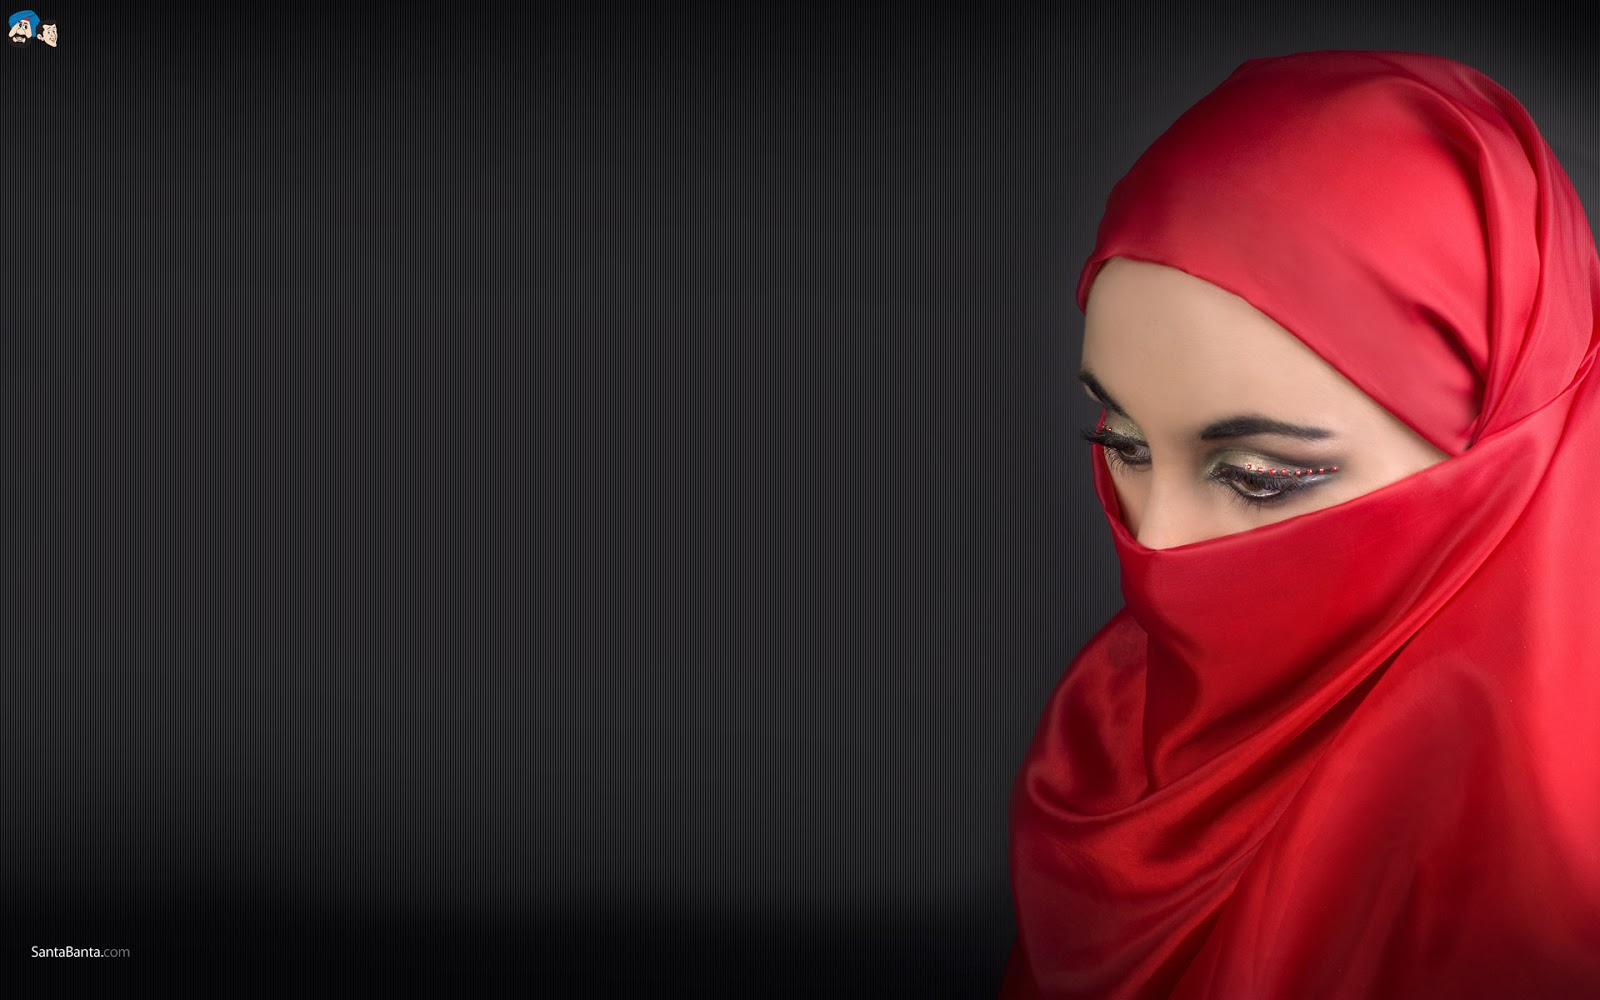 Koleksi Wallpaper Wanita Muslimah Bercadar Fauzi Blog